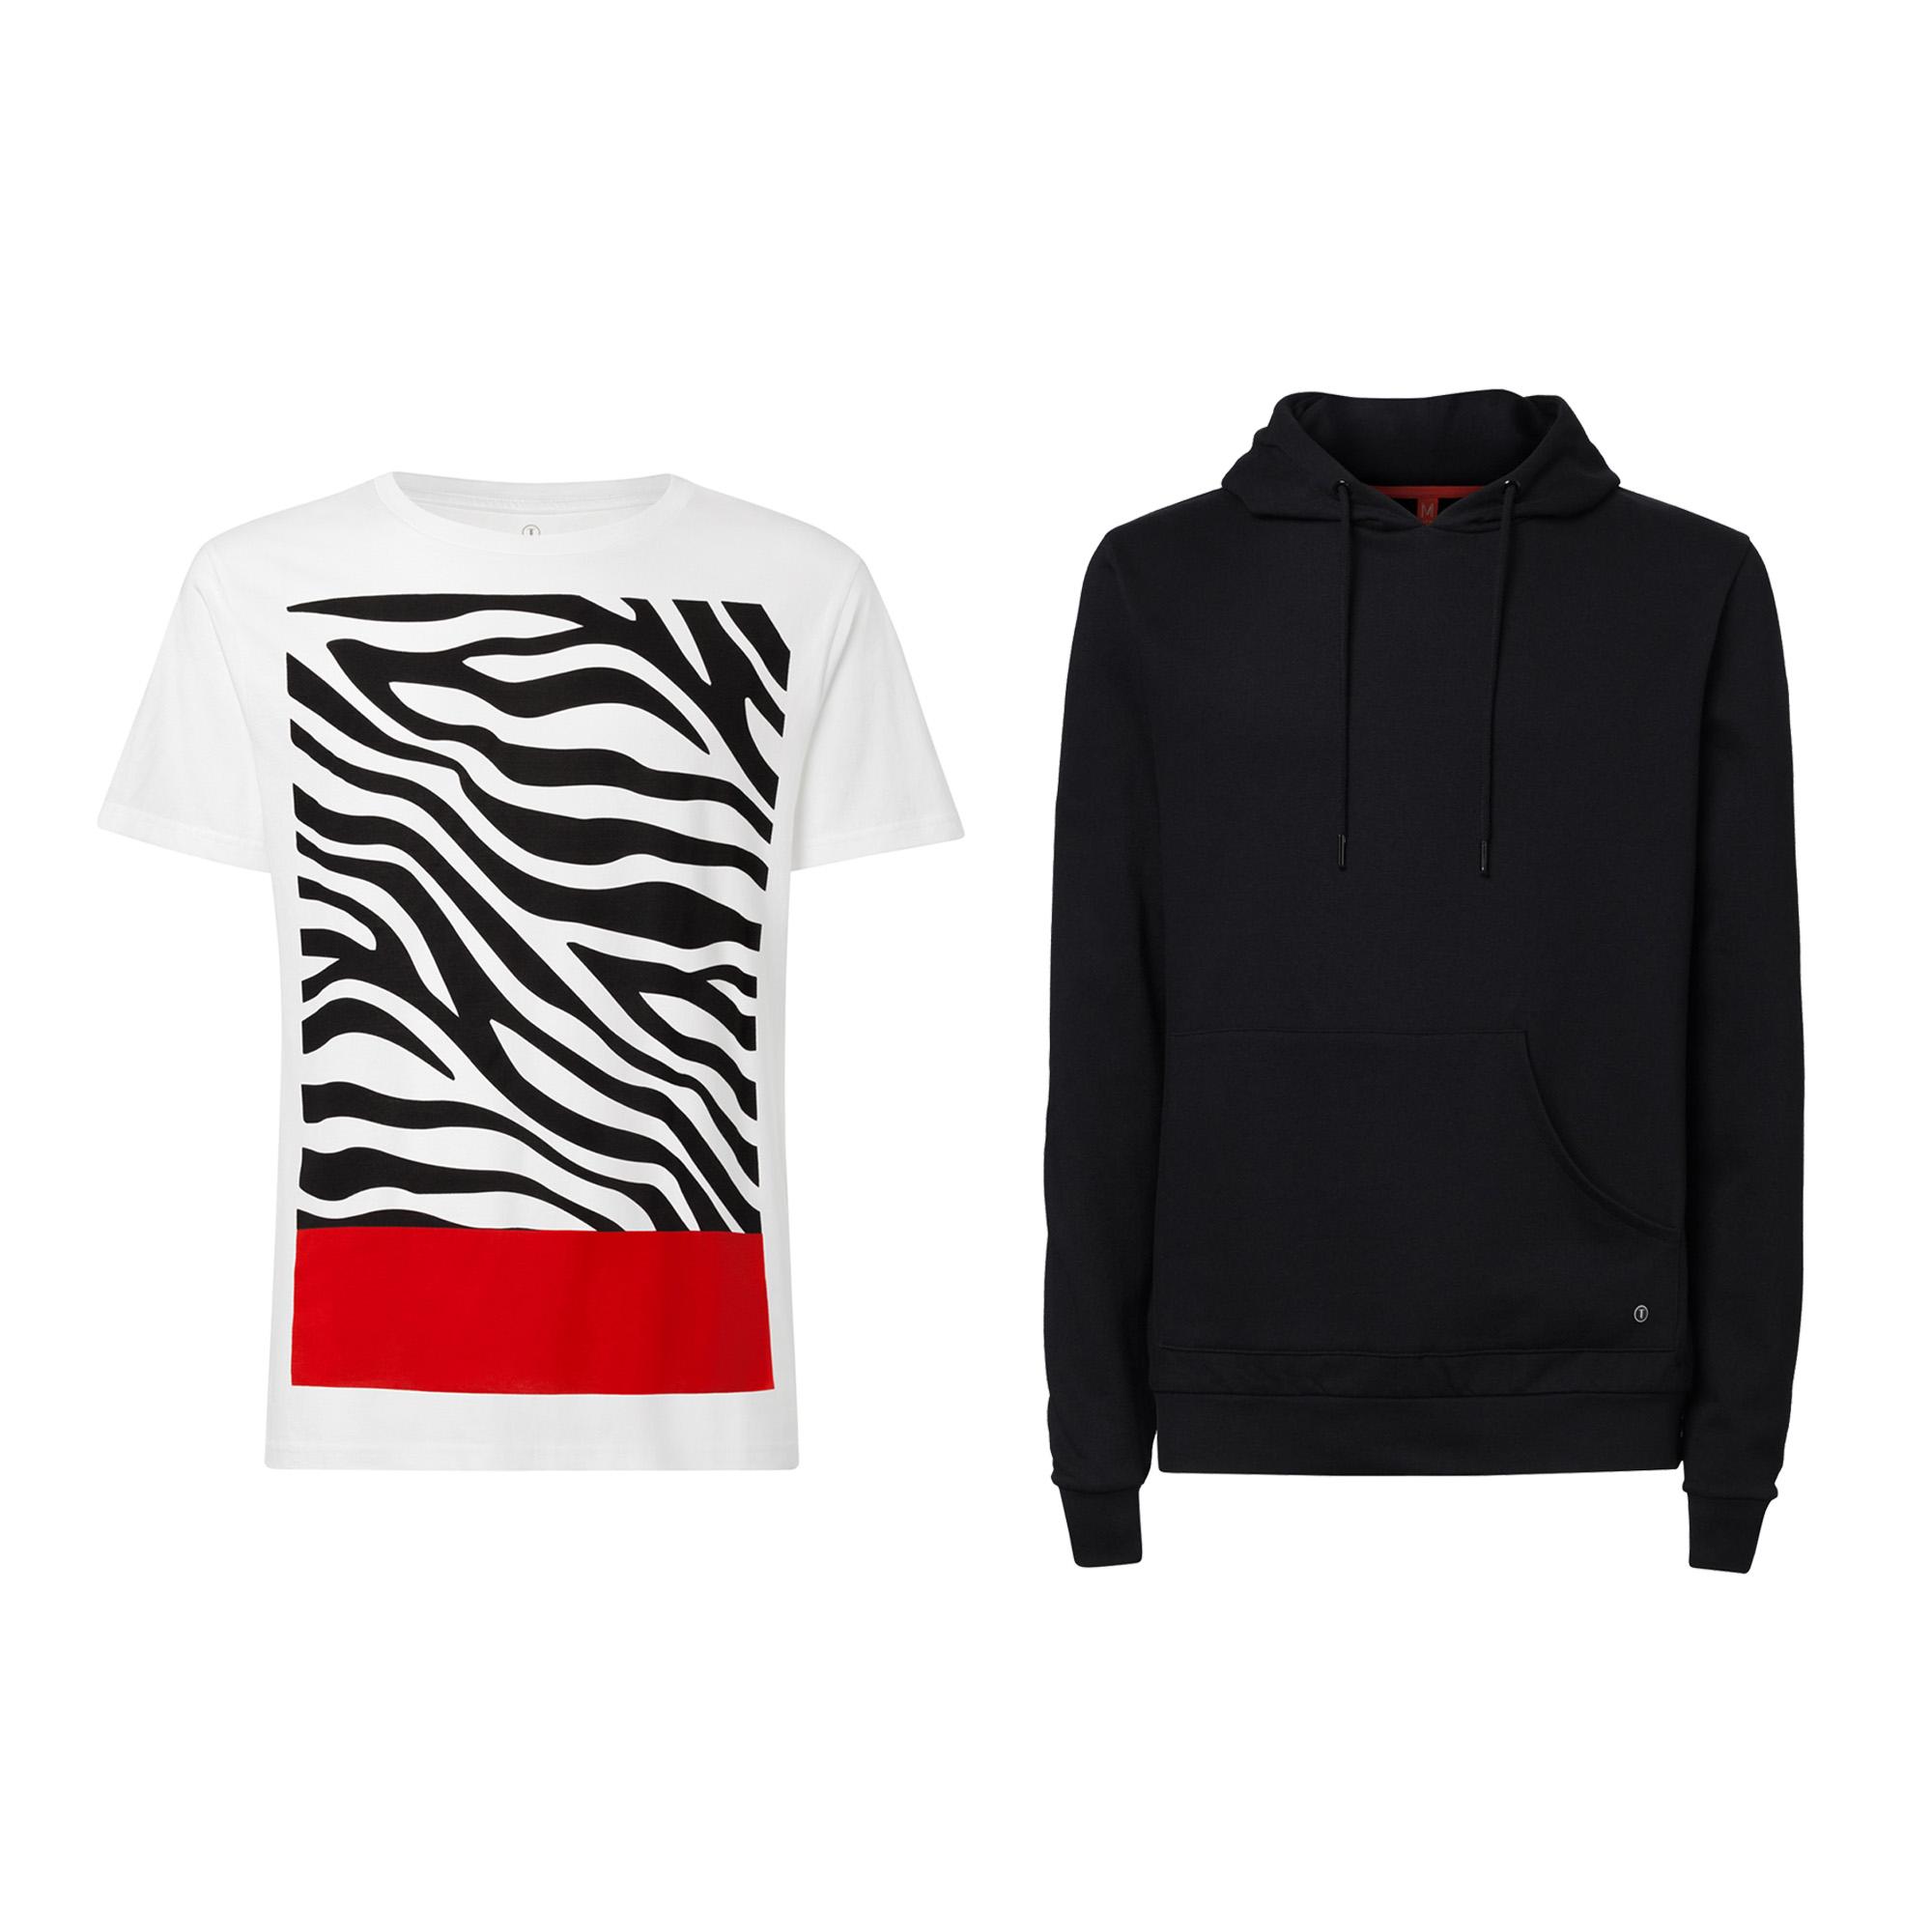 2 Pack Zebra18 T-Shirt white GOTS & Fairtrade // TT1024 Hoodie Unisex Black GOTS & Fairtrade